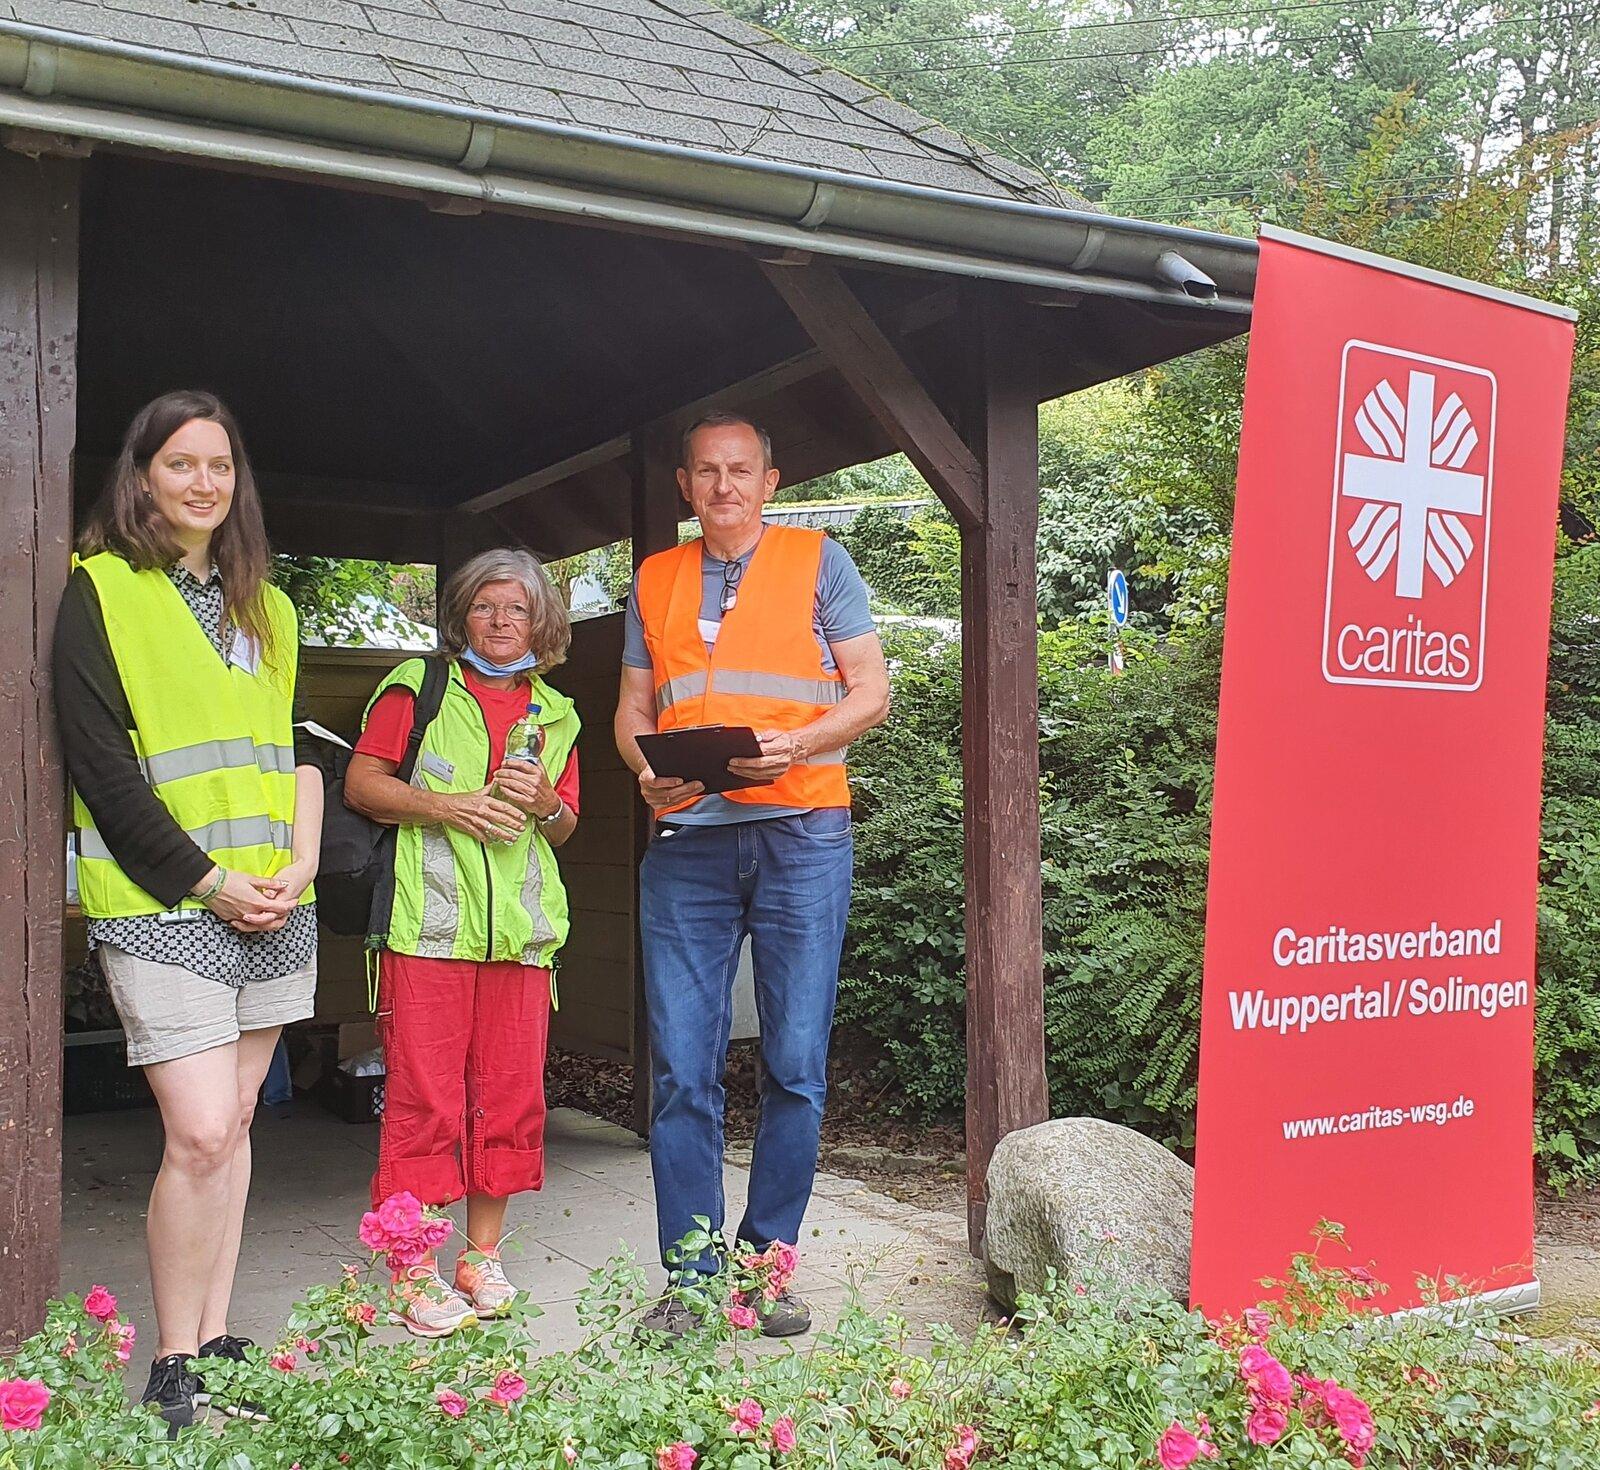 Kolegové z německé Charity pomáhají přímo v místě katastrofy. Foto: Caritasverband Wuppertal/Solingen